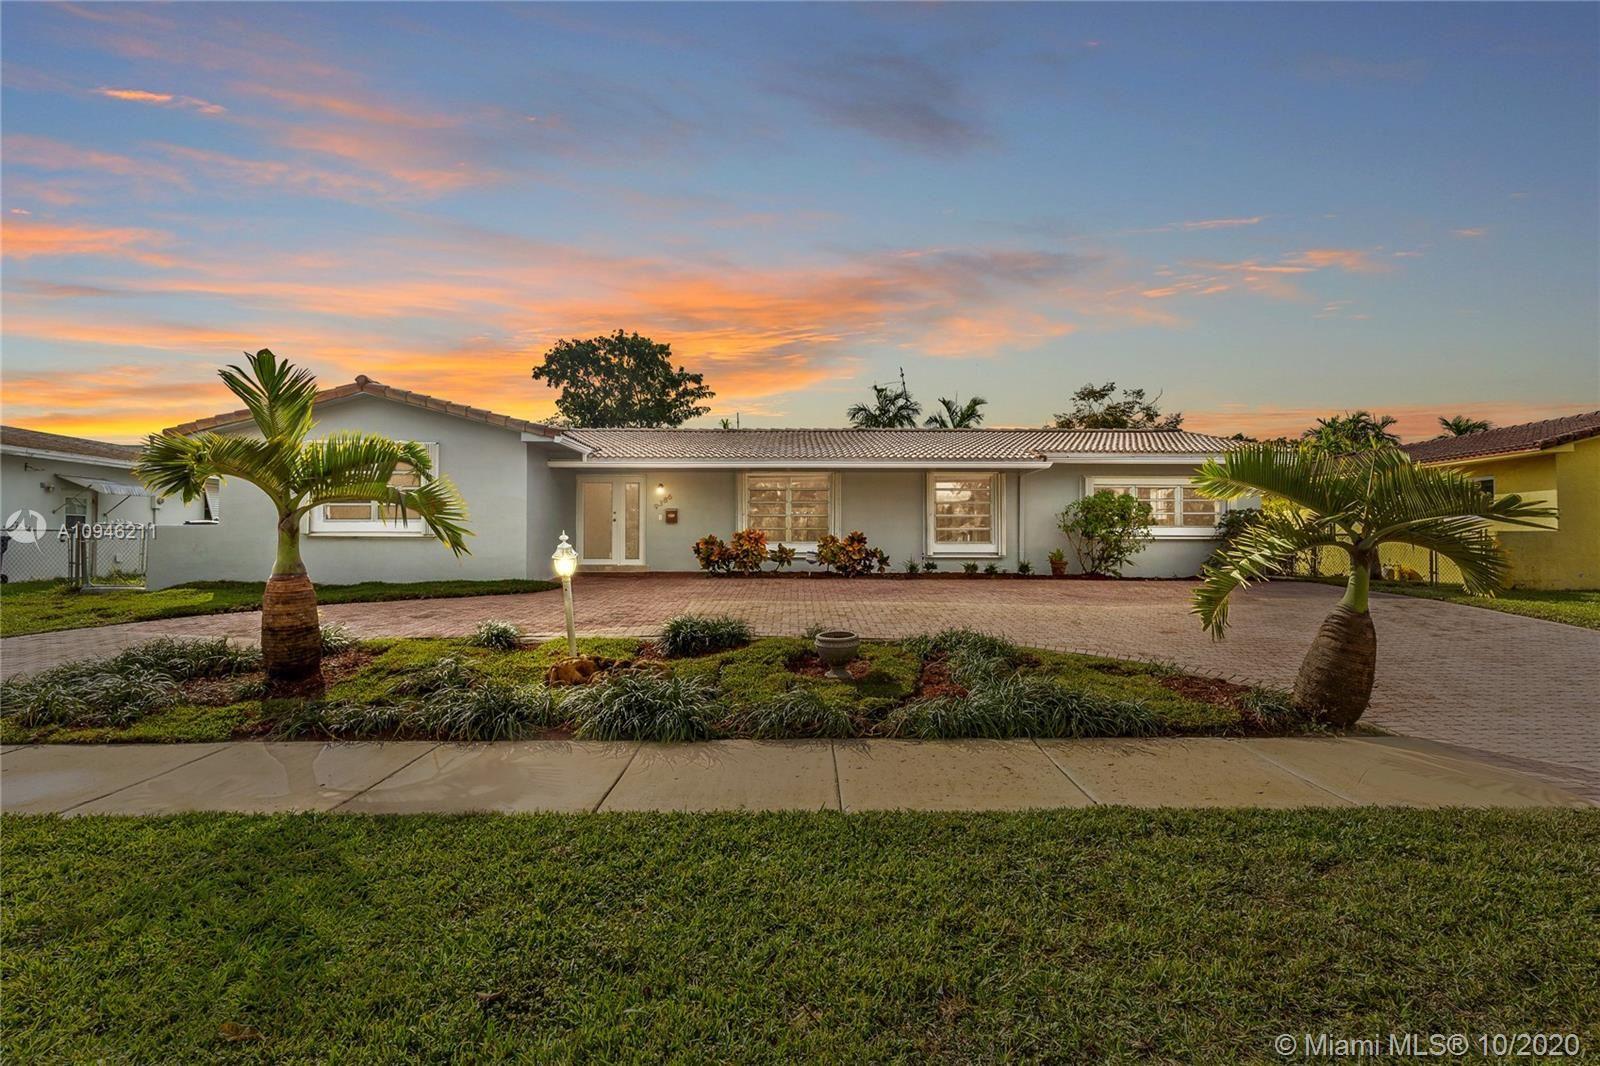 9386 SW 77th St, Miami, FL 33173 - #: A10946211